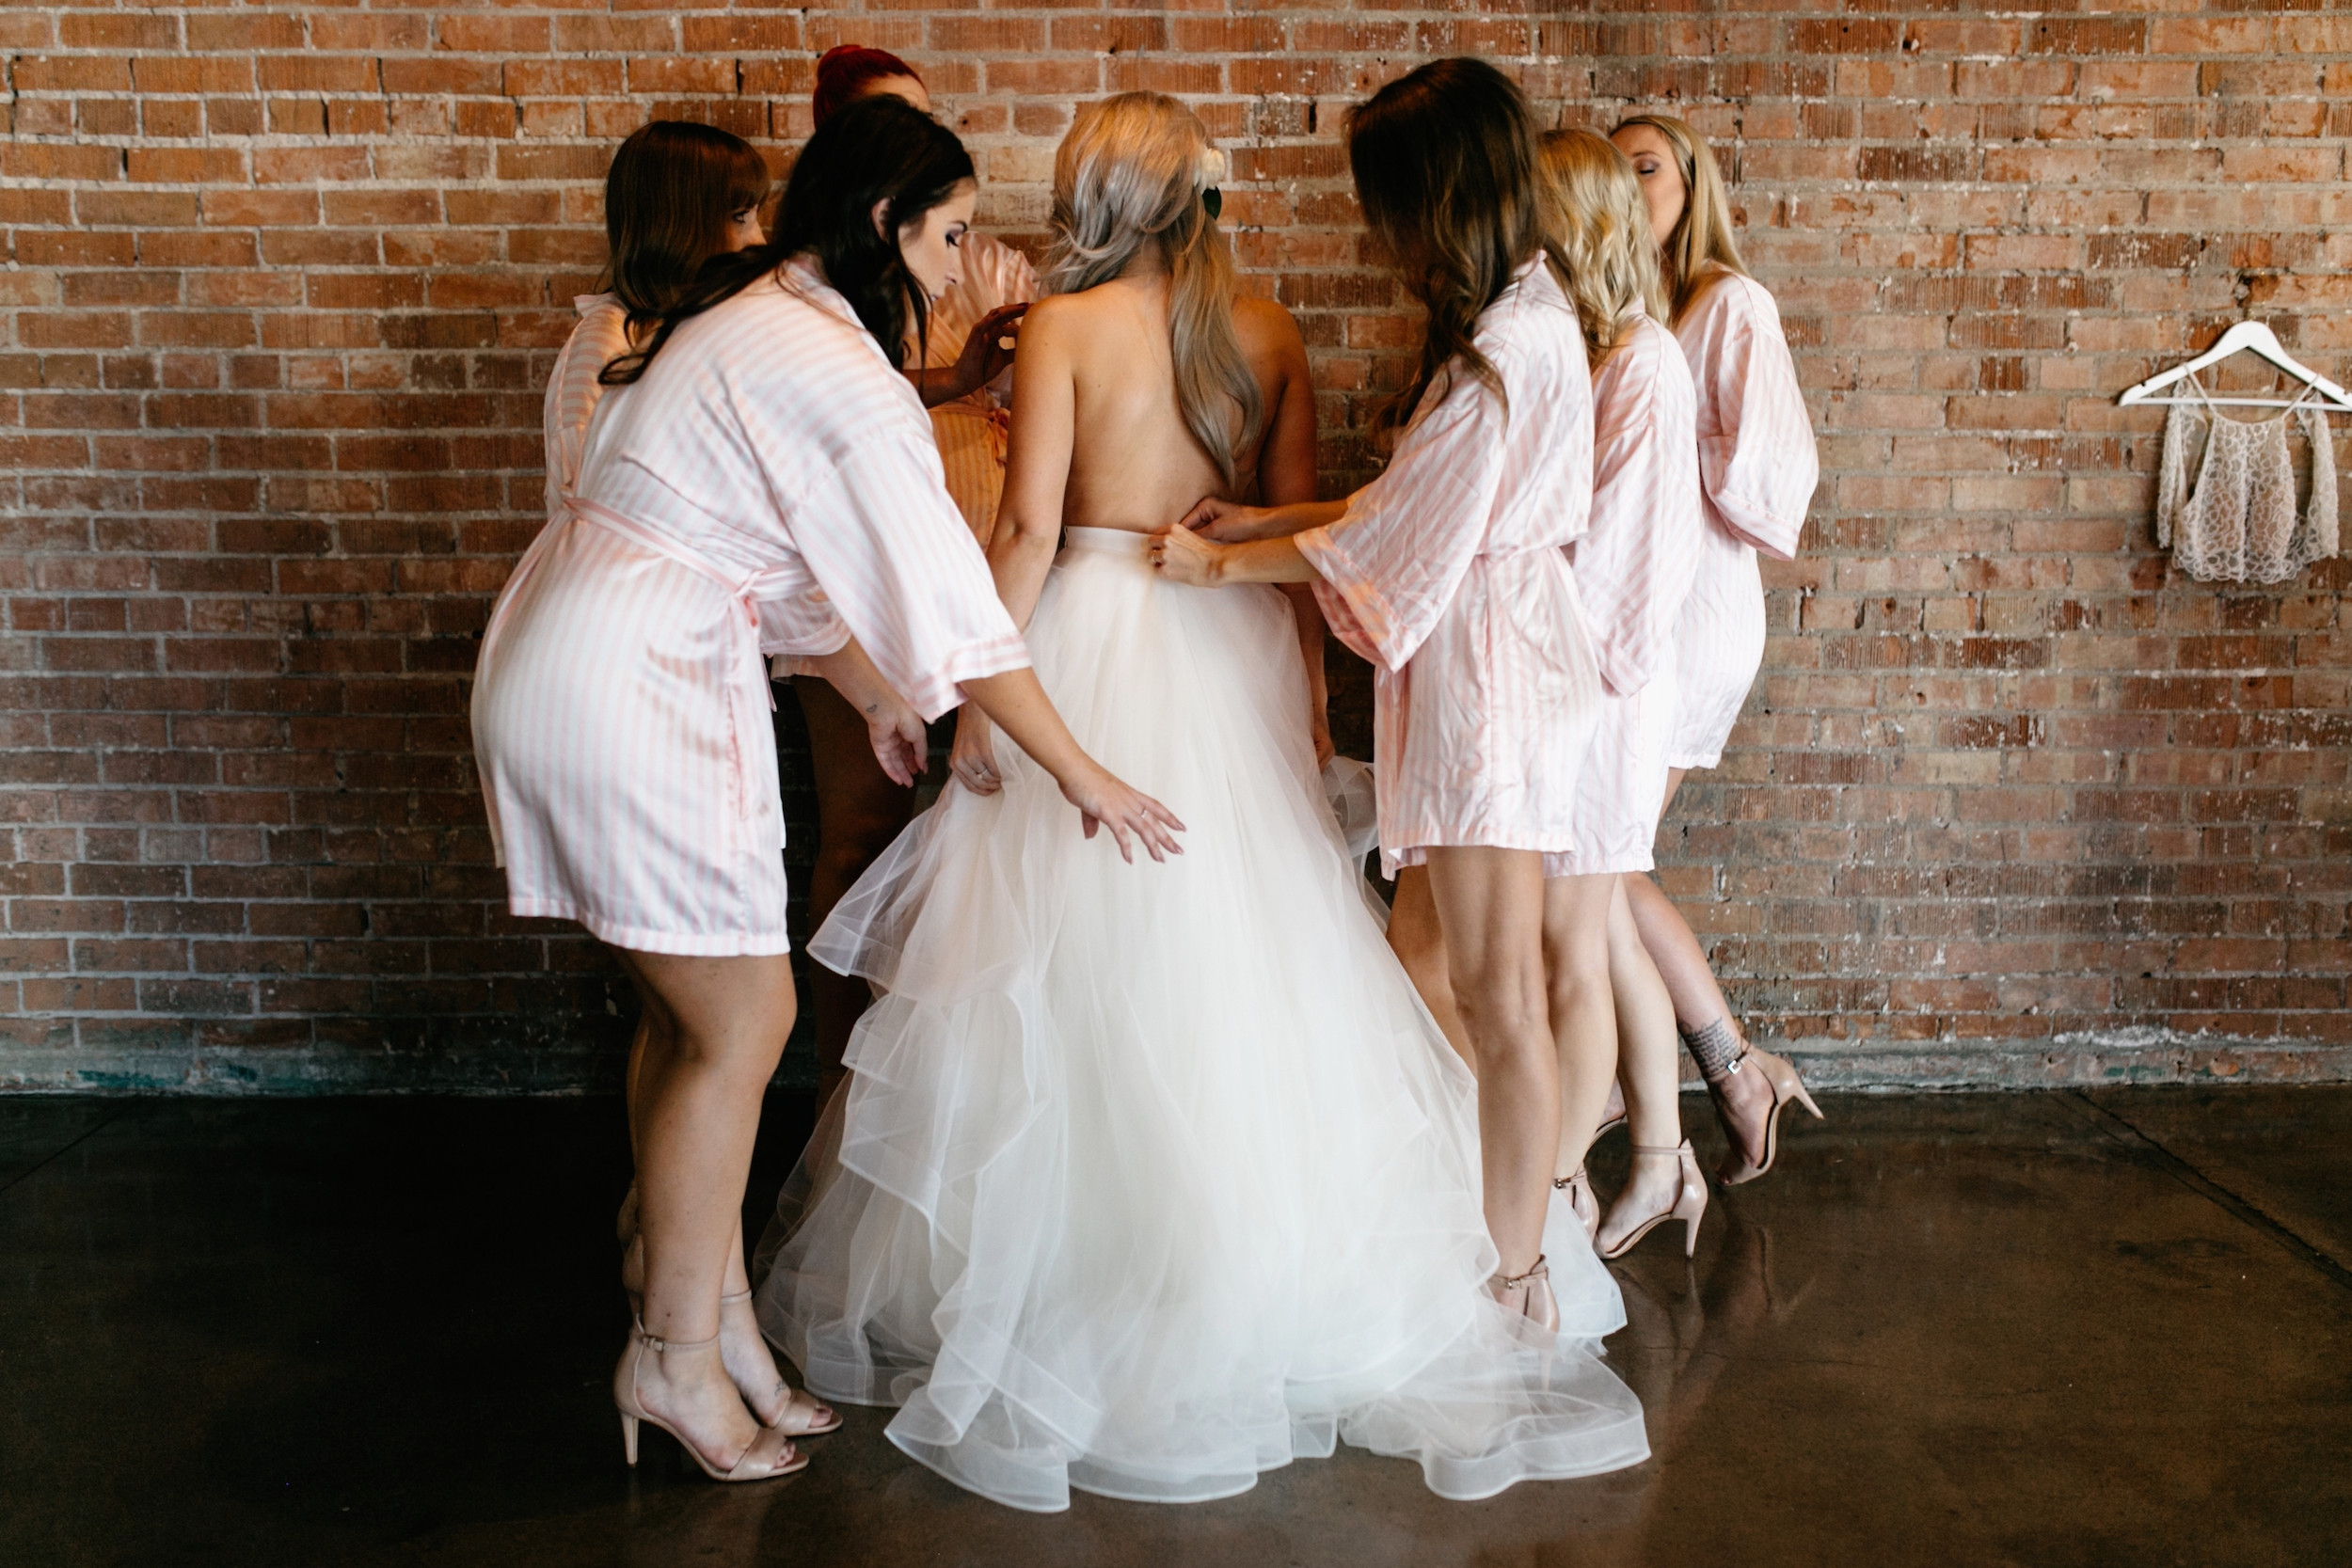 arizona - wedding - photography 01162.jpg